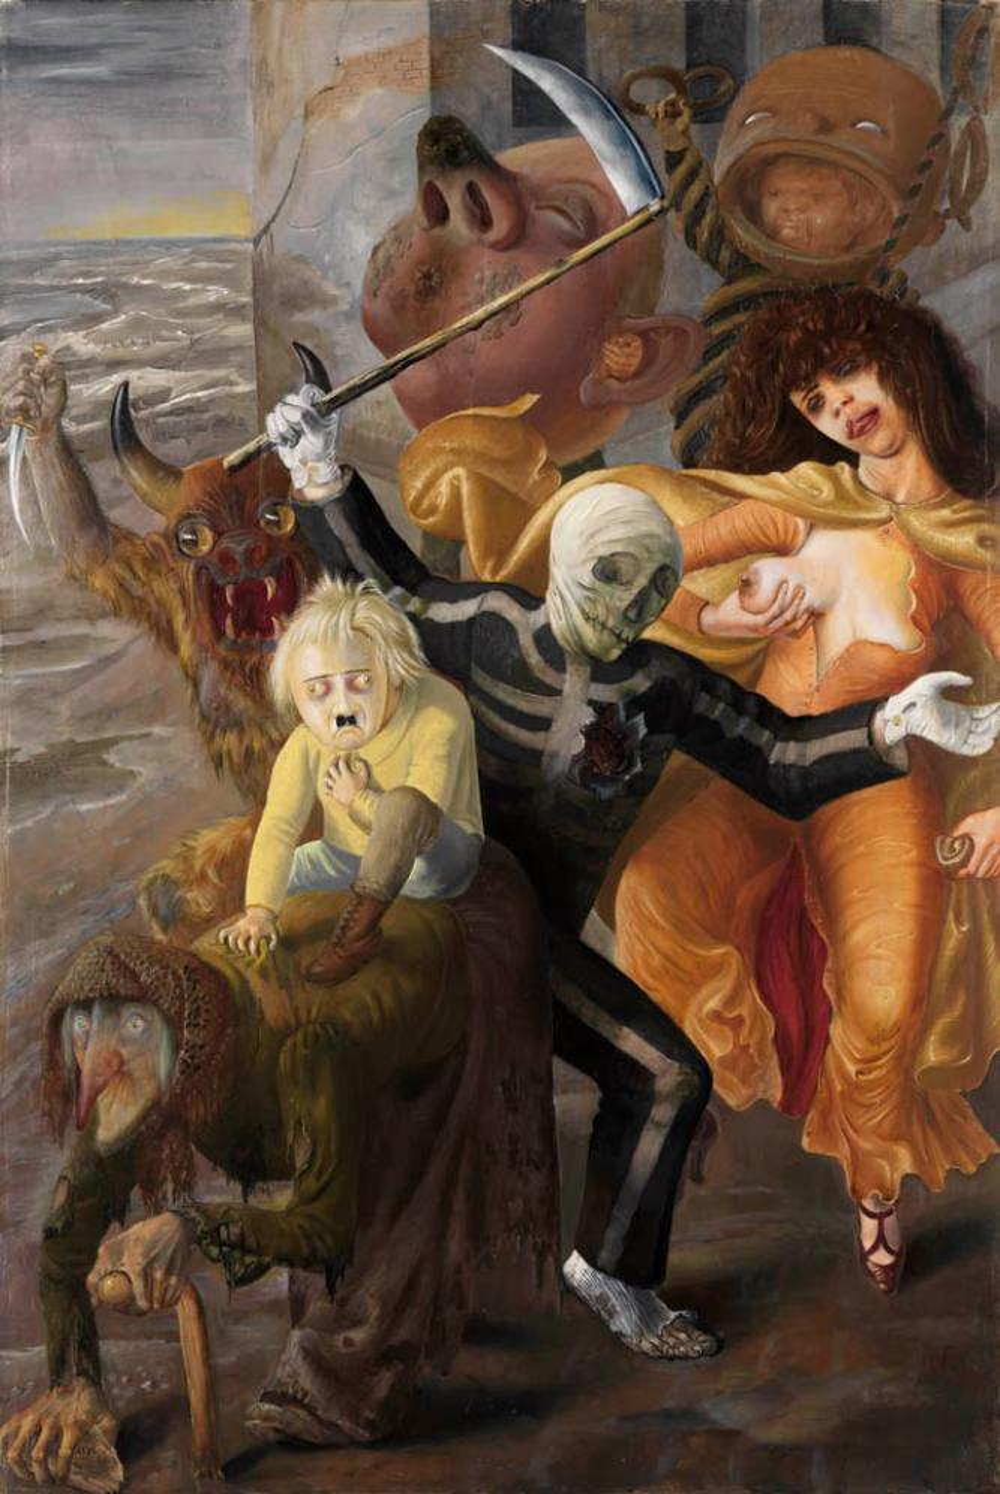 Die Sieben Todsünden